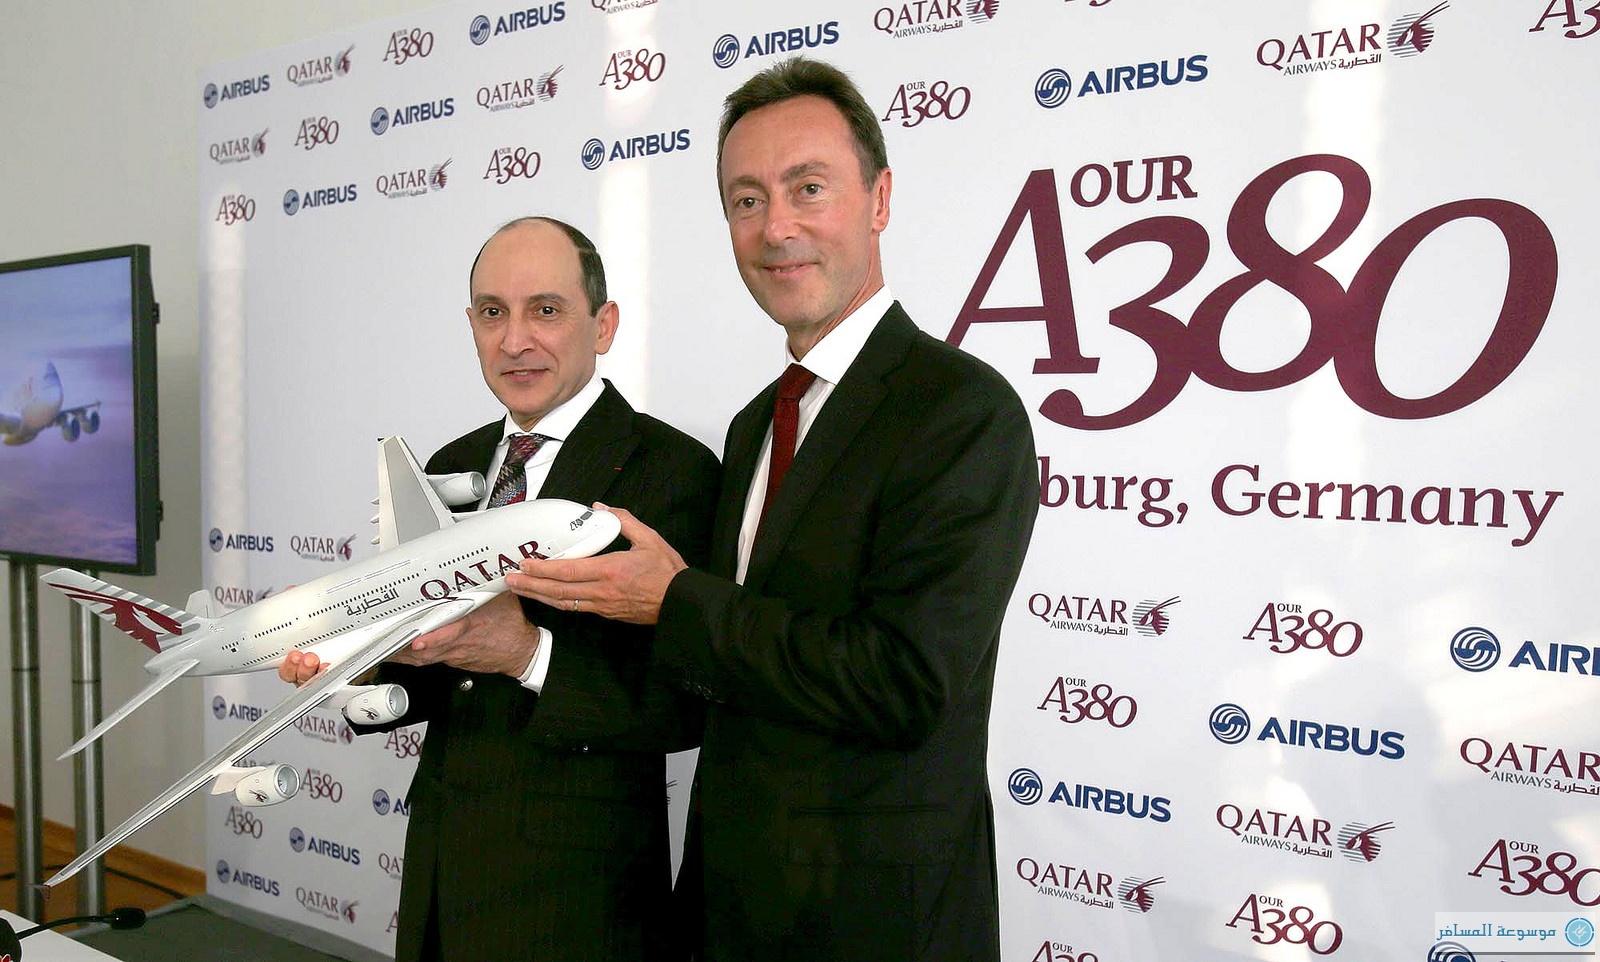 الخطوط القطرية تتسلم إيرباص A380